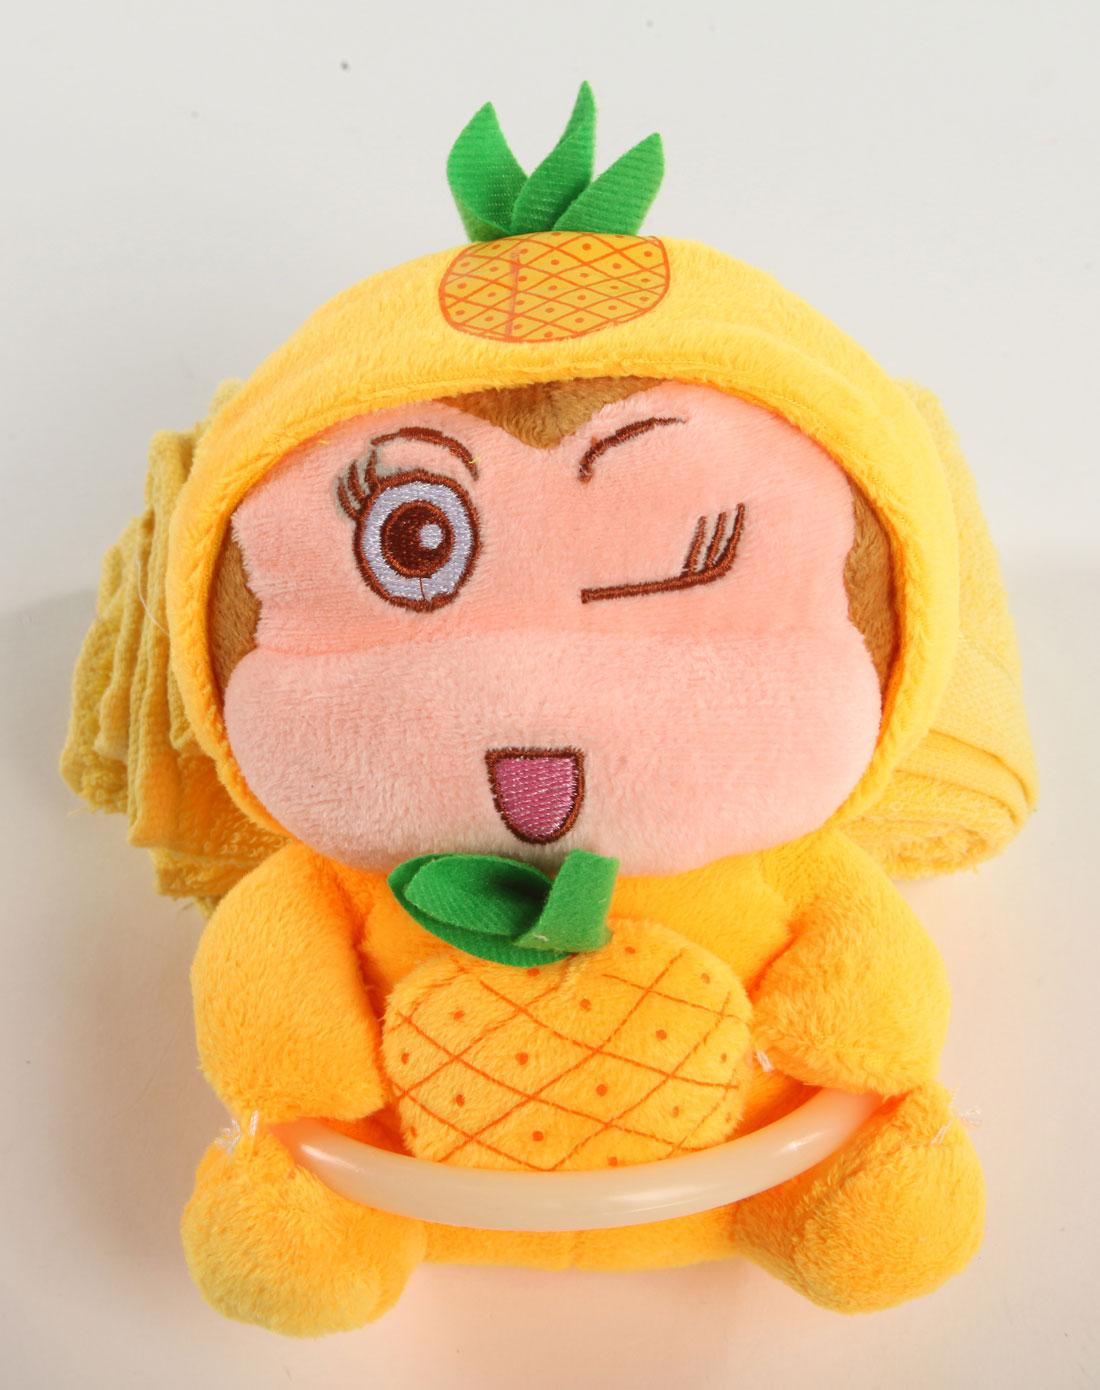 卡通宝贝系列动物造型毛巾挂架(附毛巾)水果猴